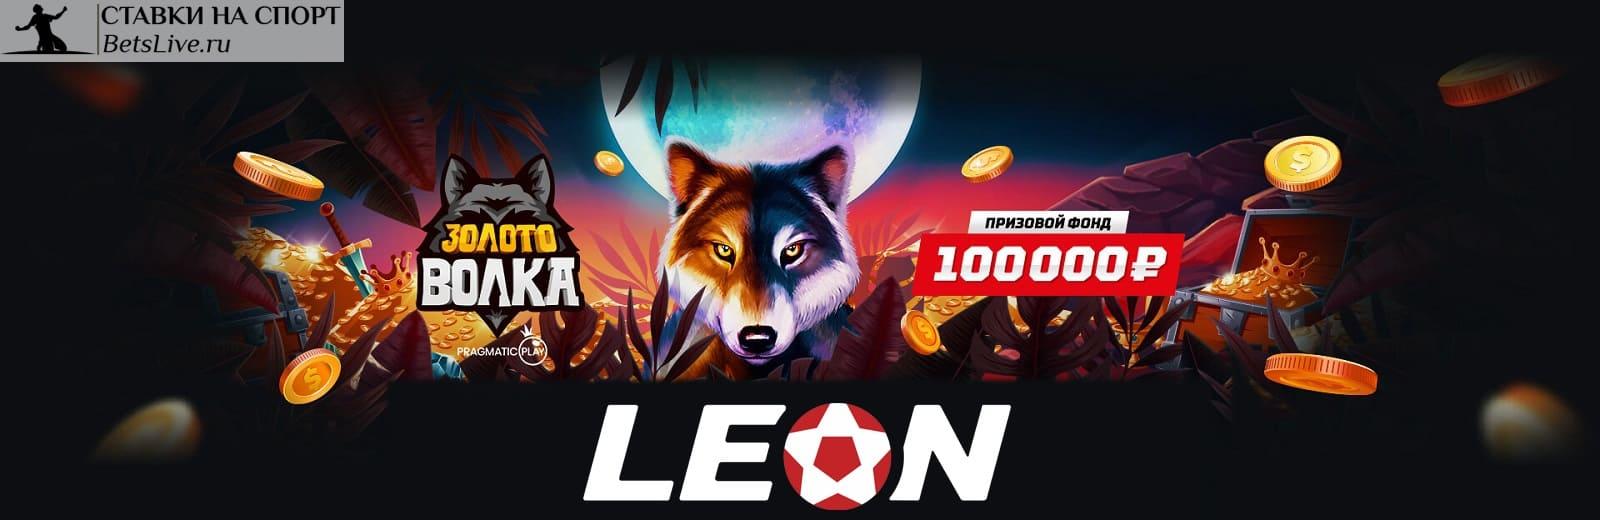 Золото волка акция на БК Leon